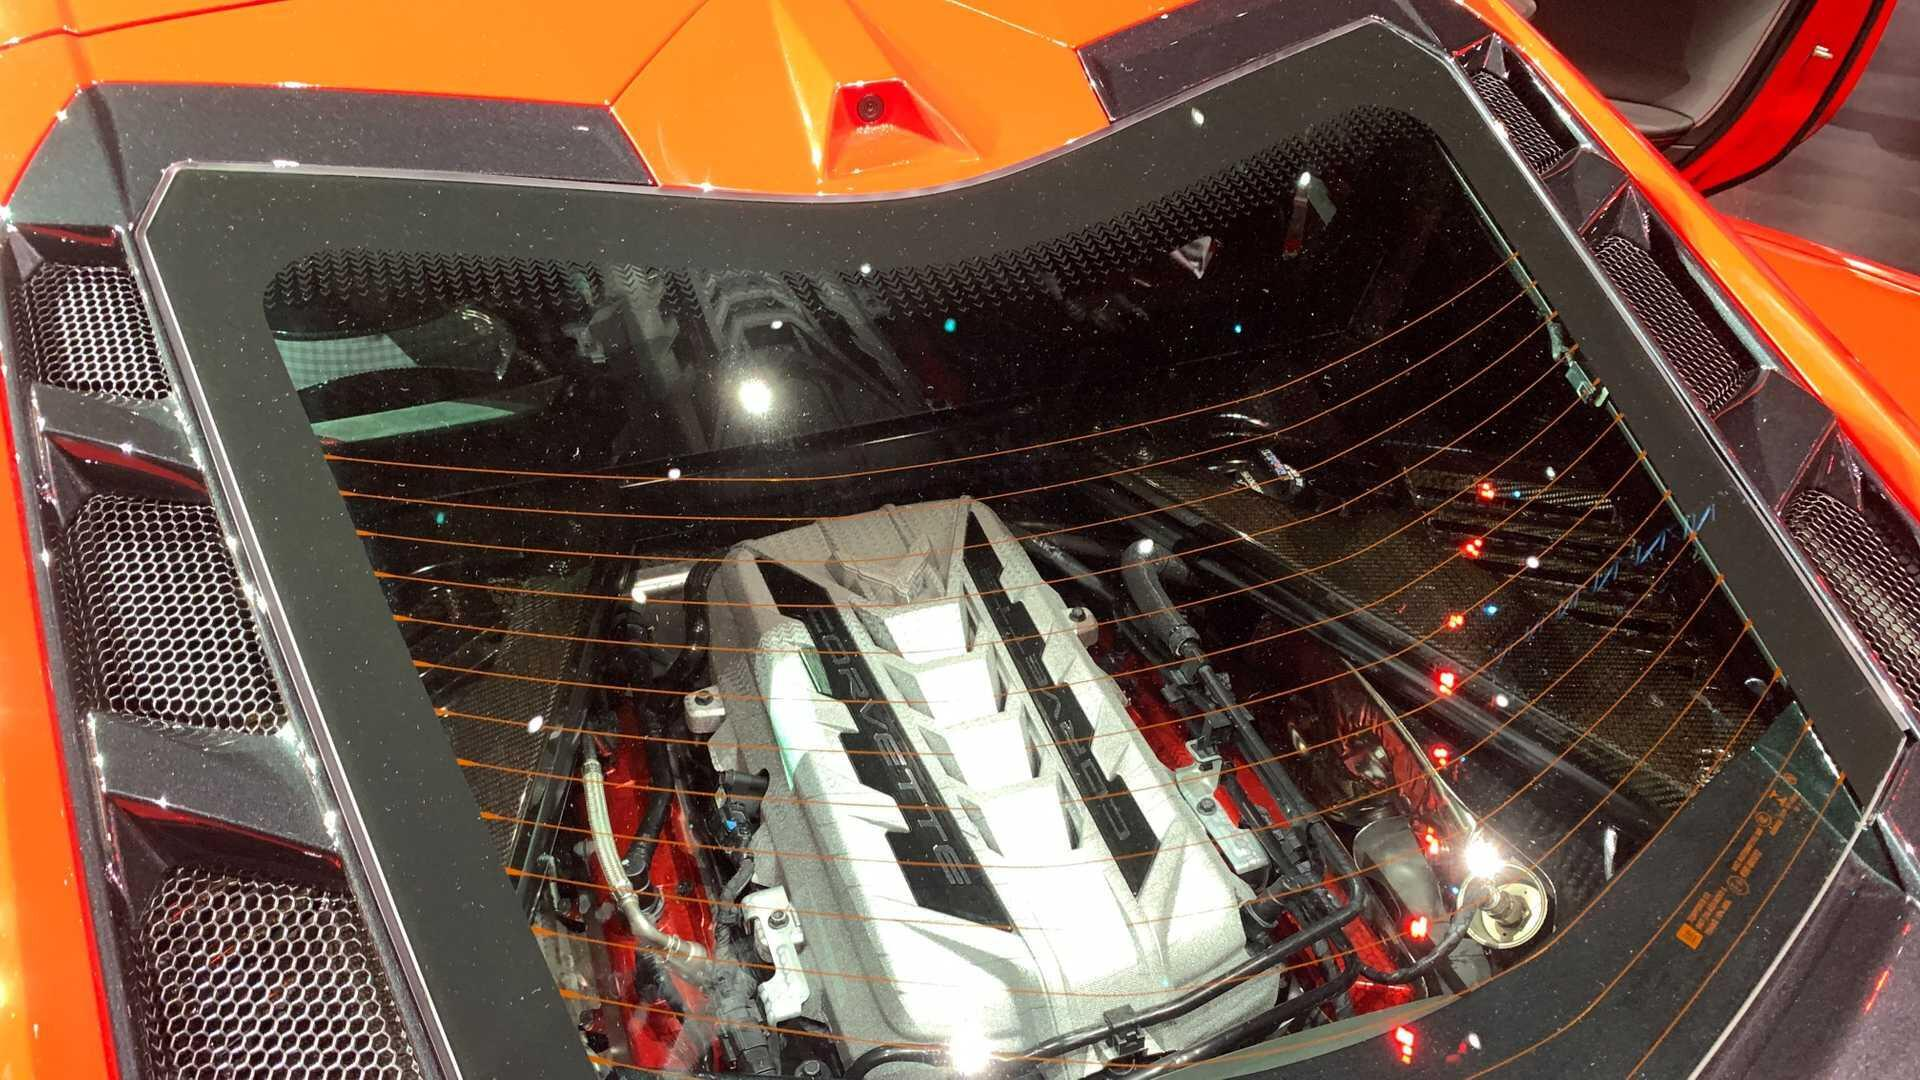 https://cdn.dailyxe.com.vn/image/chevrolet-corvette-2020-co-mot-so-tinh-nang-an-tuyet-voi-18-94526j2.jpg